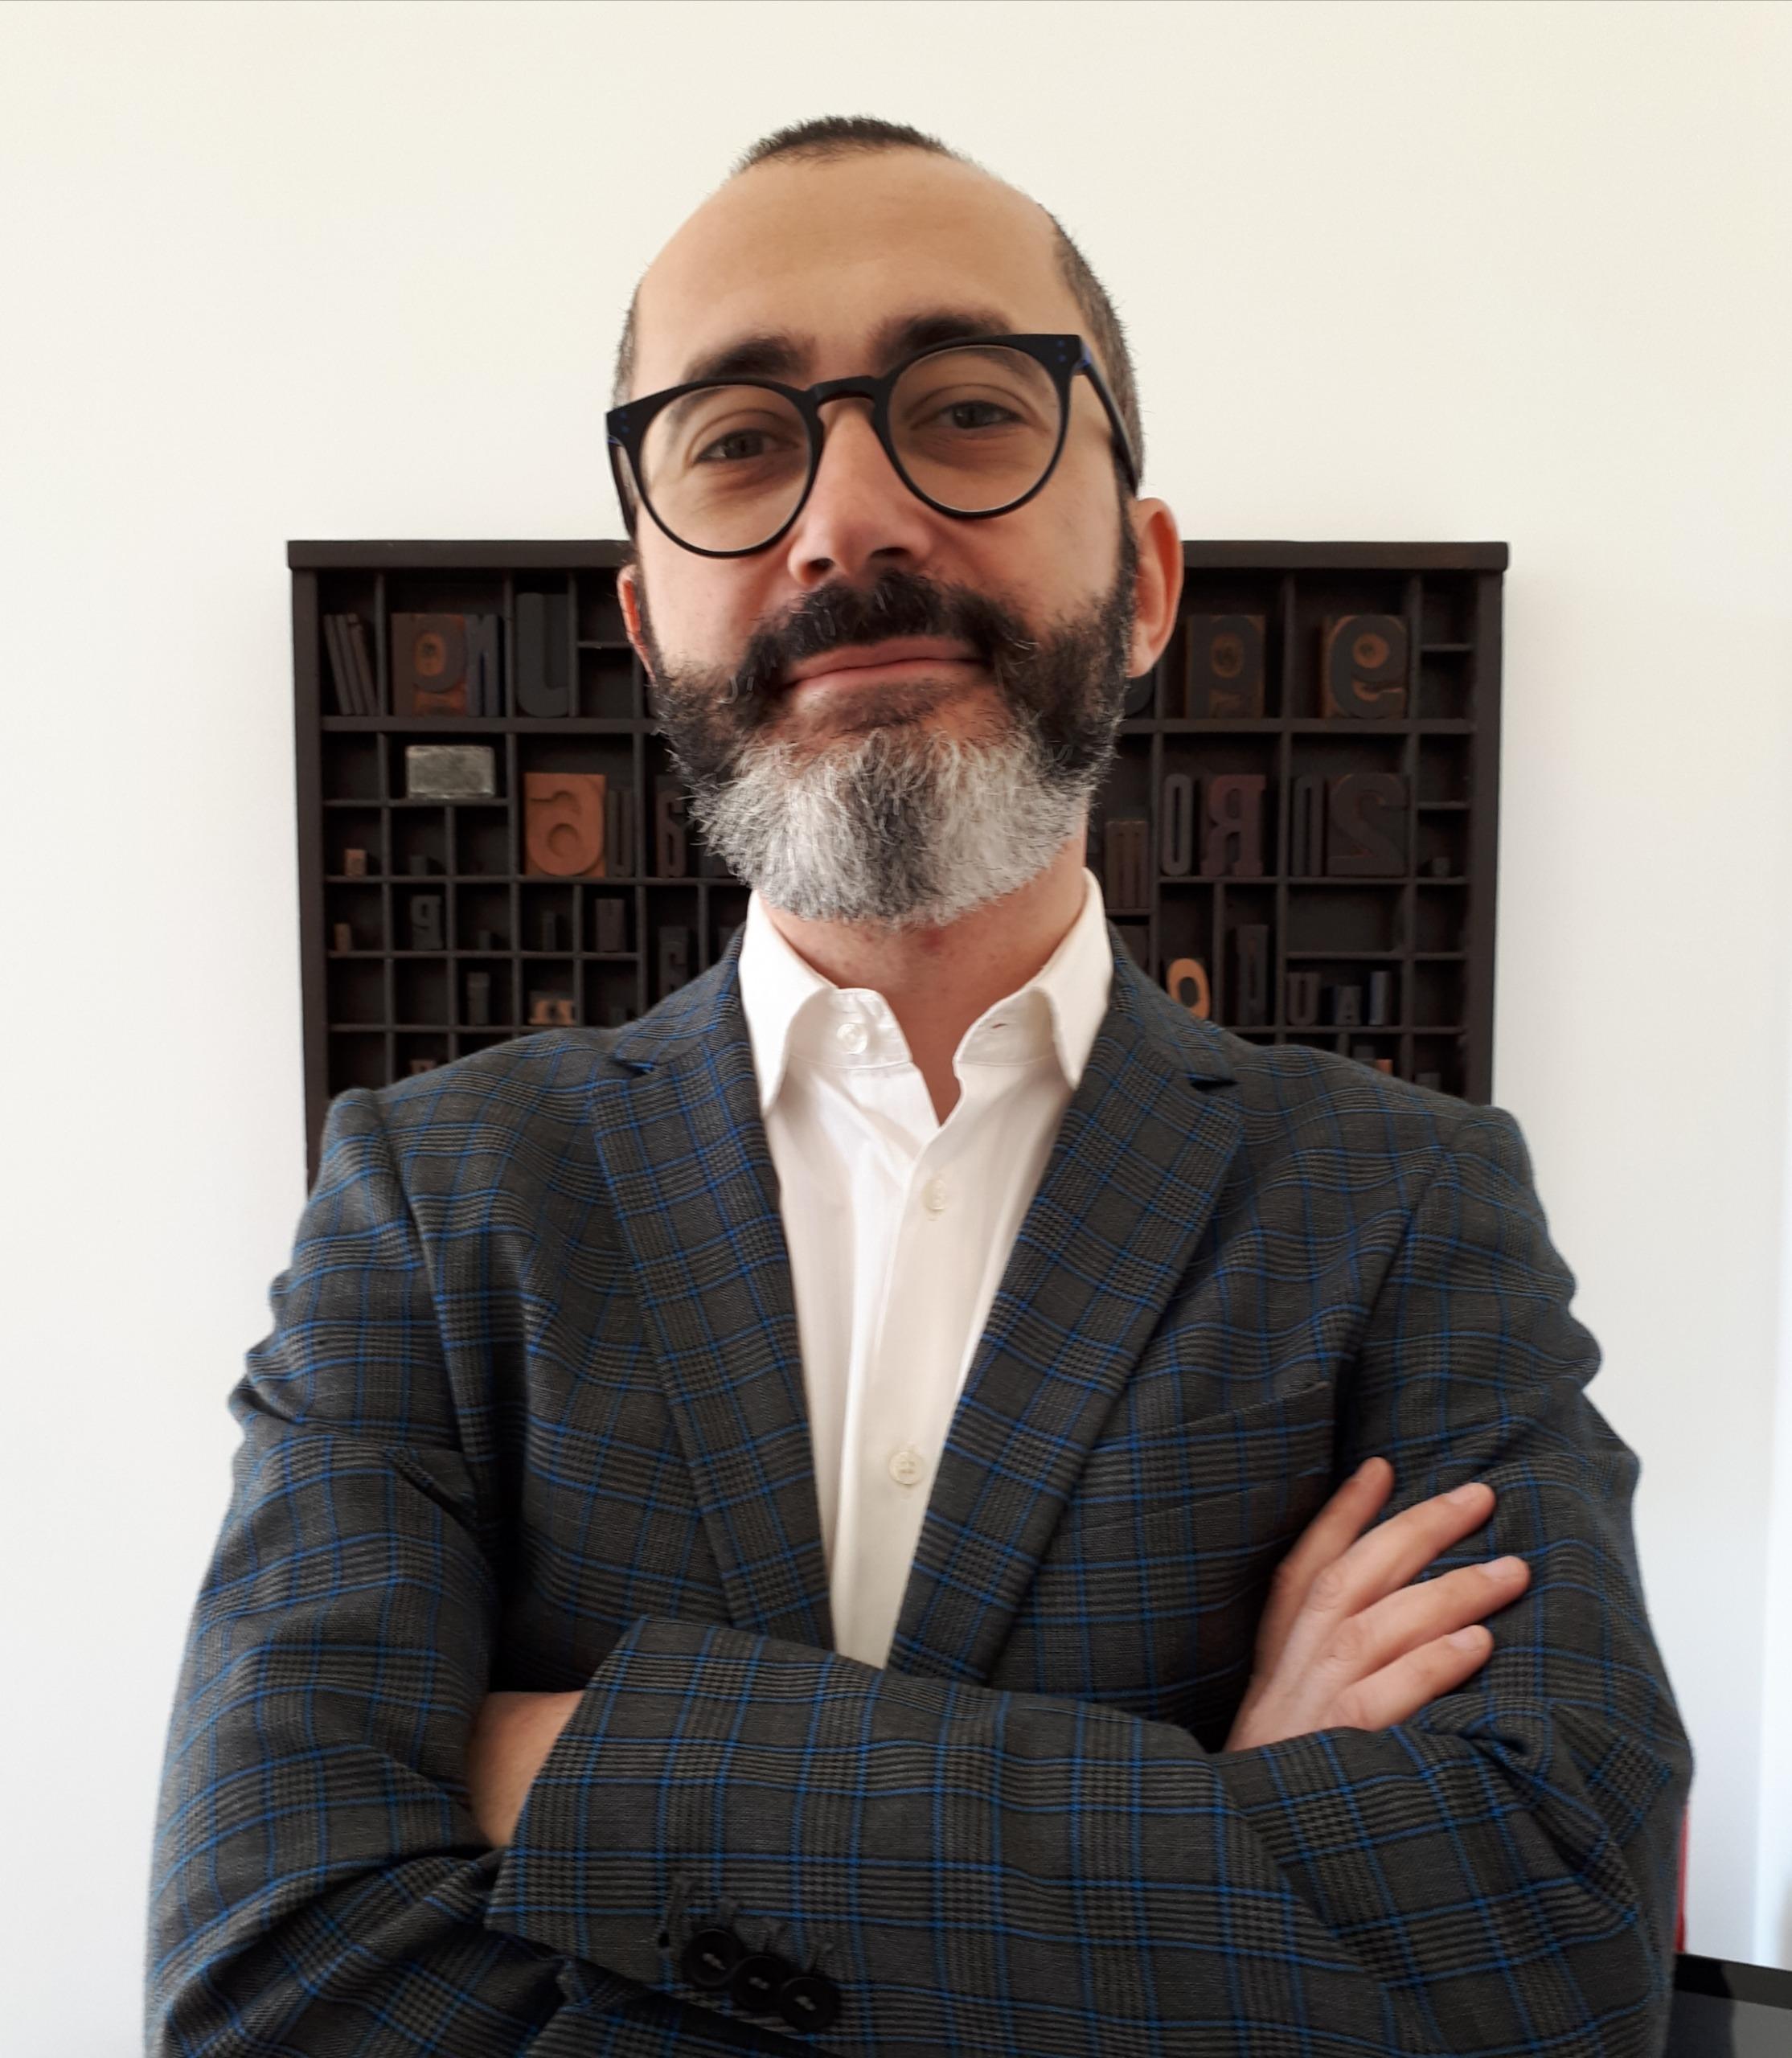 L'editor e l'ascolto. Intervista a Stefano Izzo